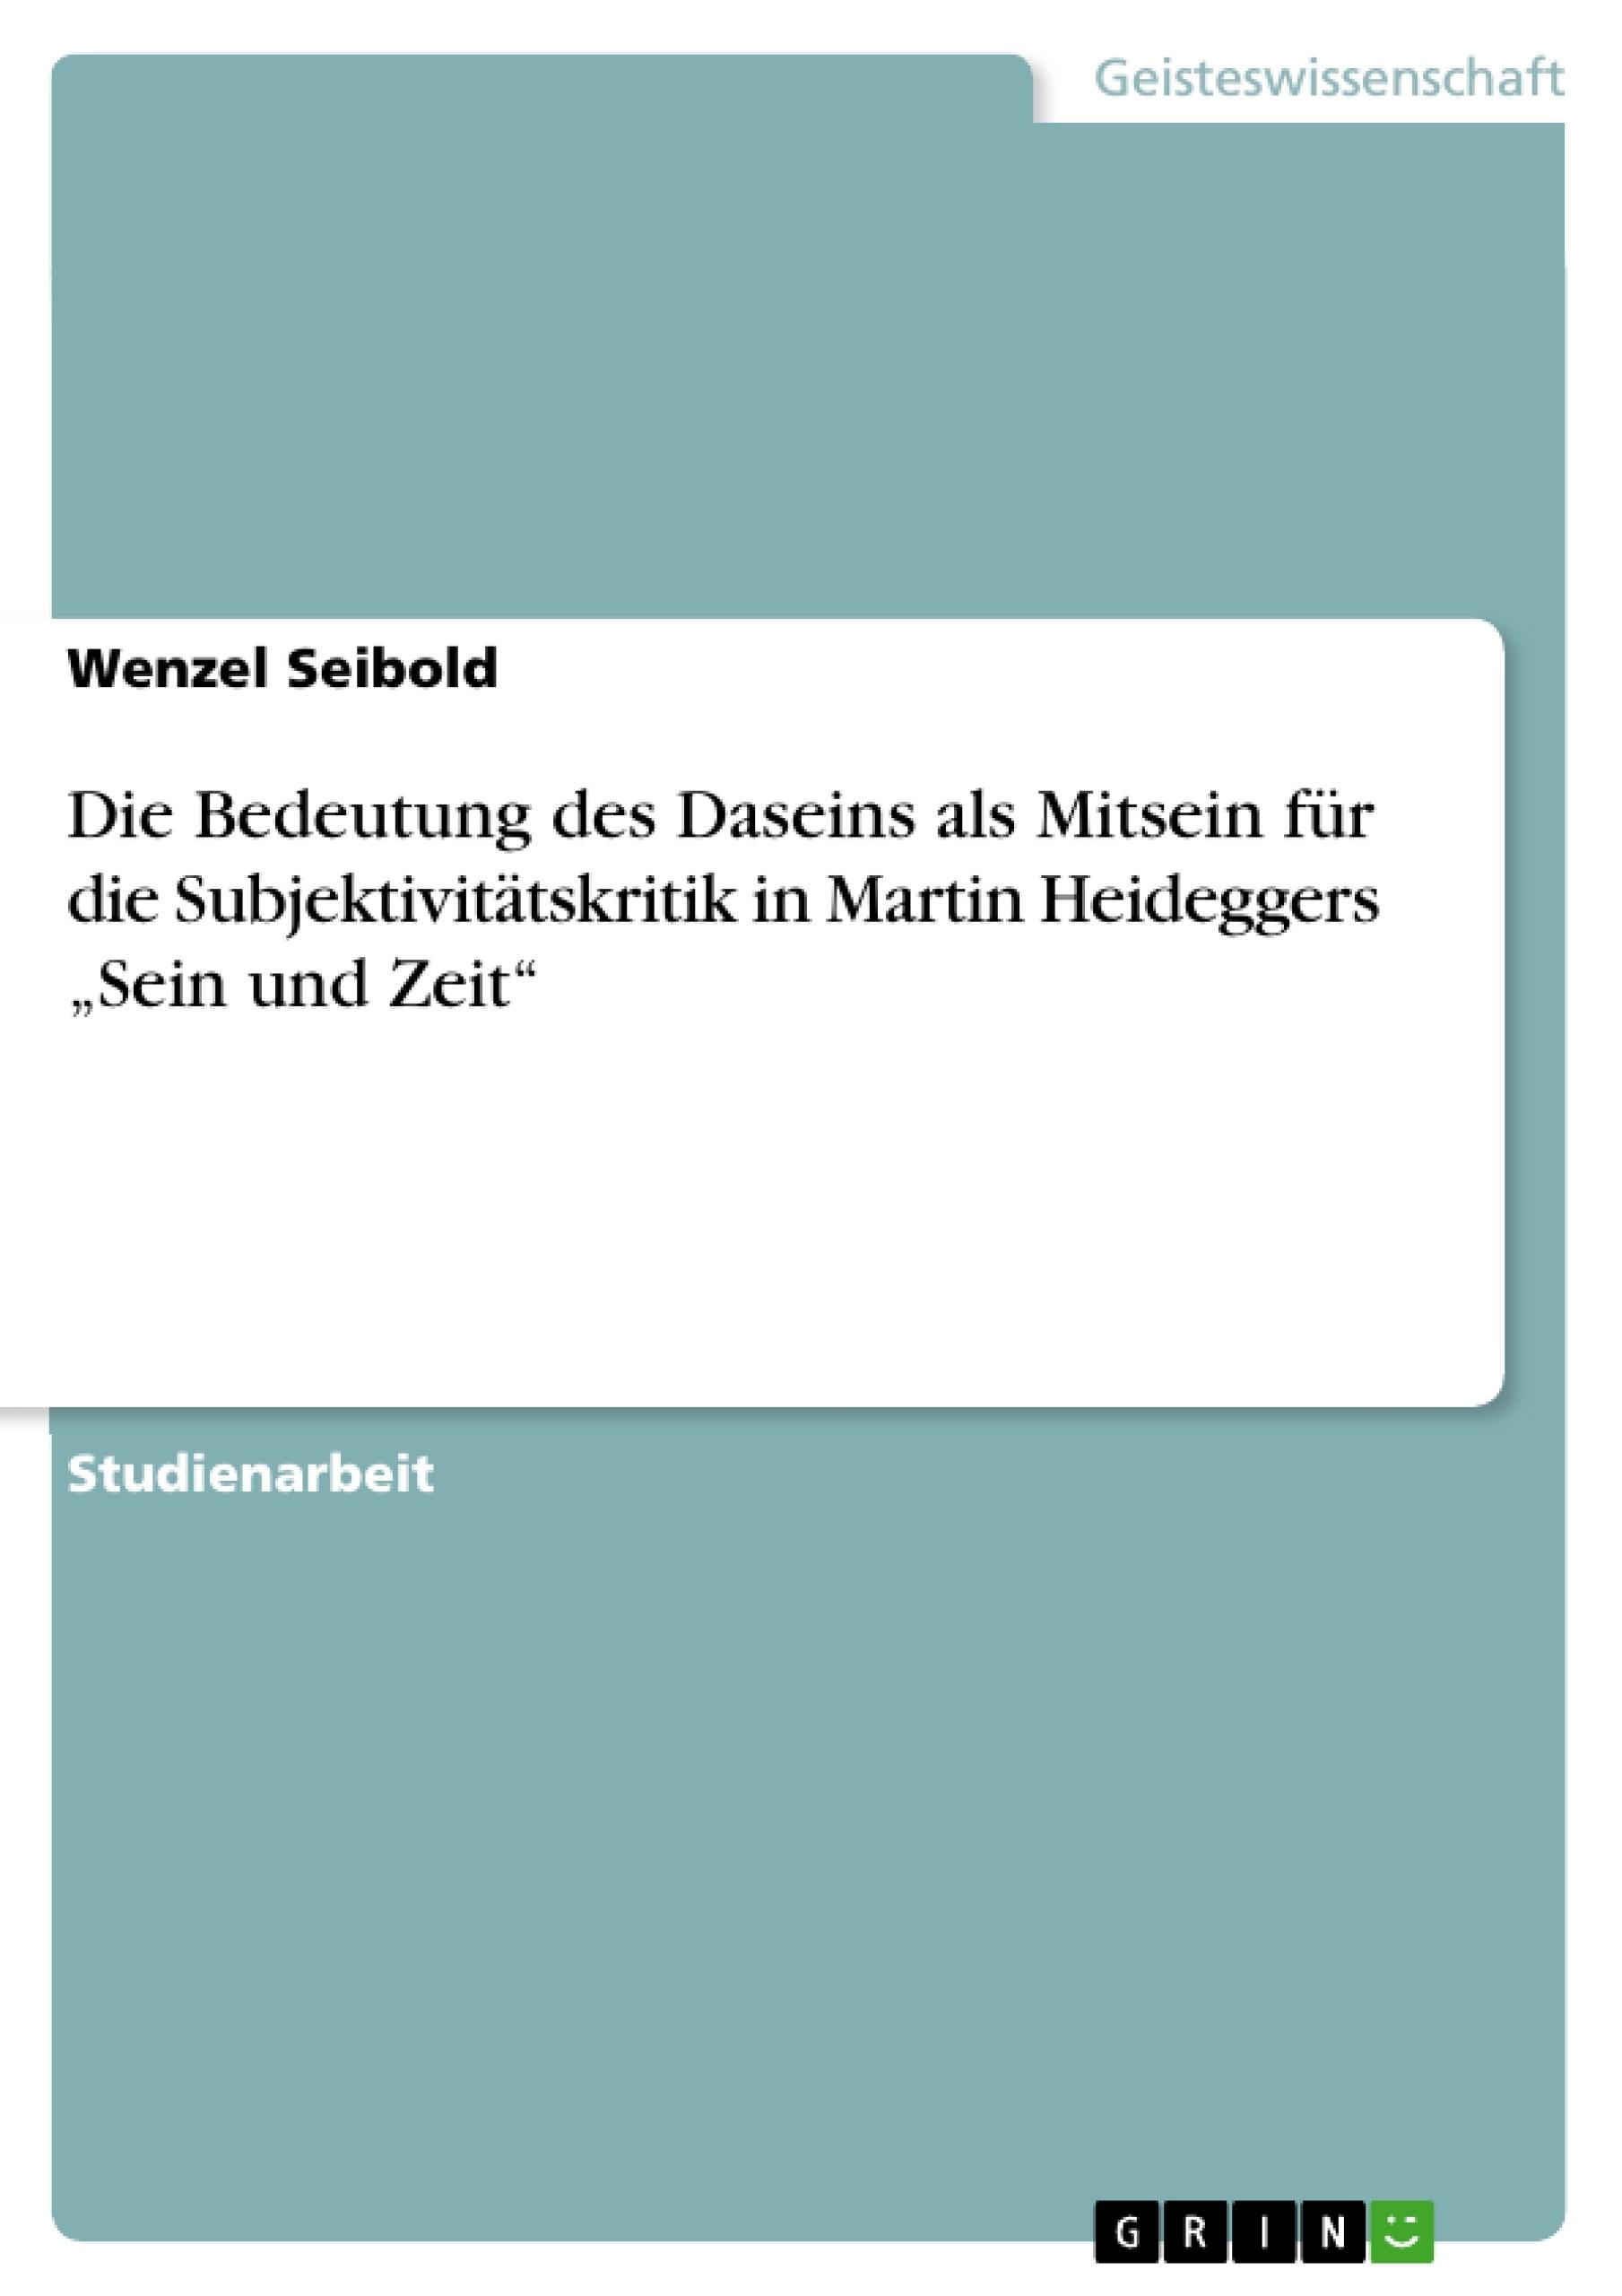 """Titel: Die Bedeutung des Daseins als Mitsein für die Subjektivitätskritik in Martin Heideggers """"Sein und Zeit"""""""